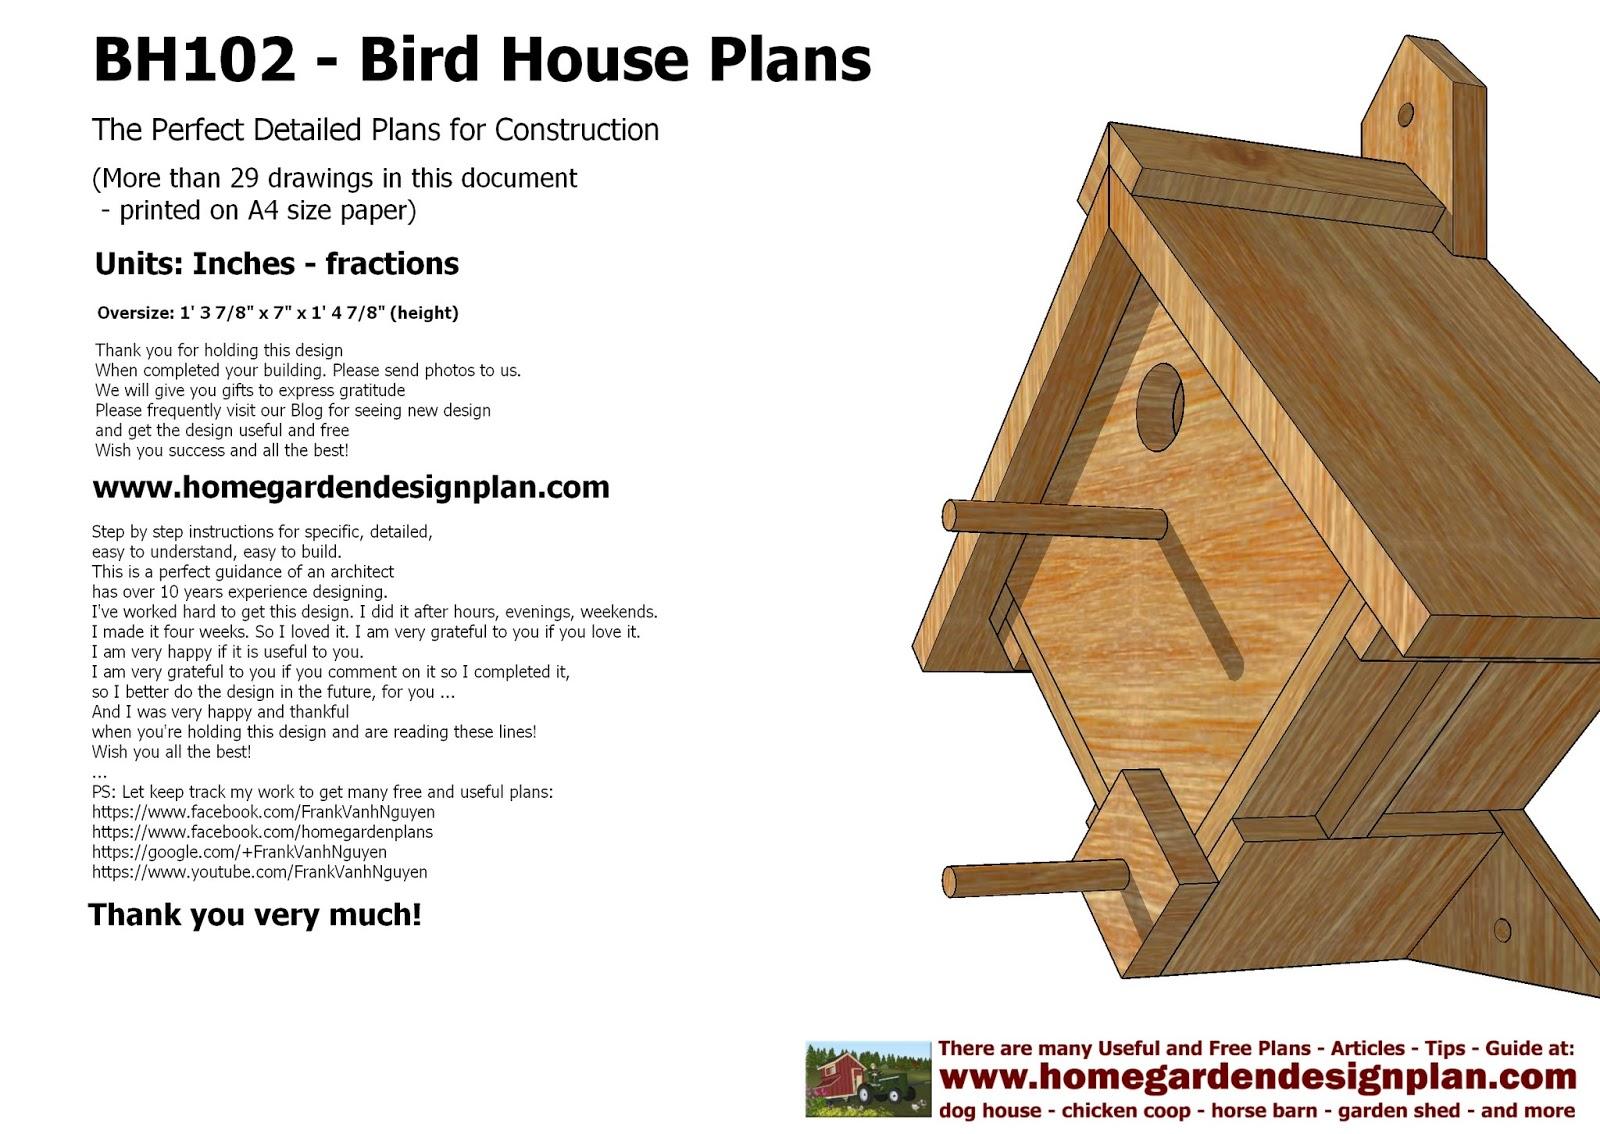 home garden plans  home garden plans  BH   Bird House Plans    home garden plans  BH   Bird House Plans Construction   Bird House     BH   Bird House Plans Construction   Bird House Design   How To Build A Bird